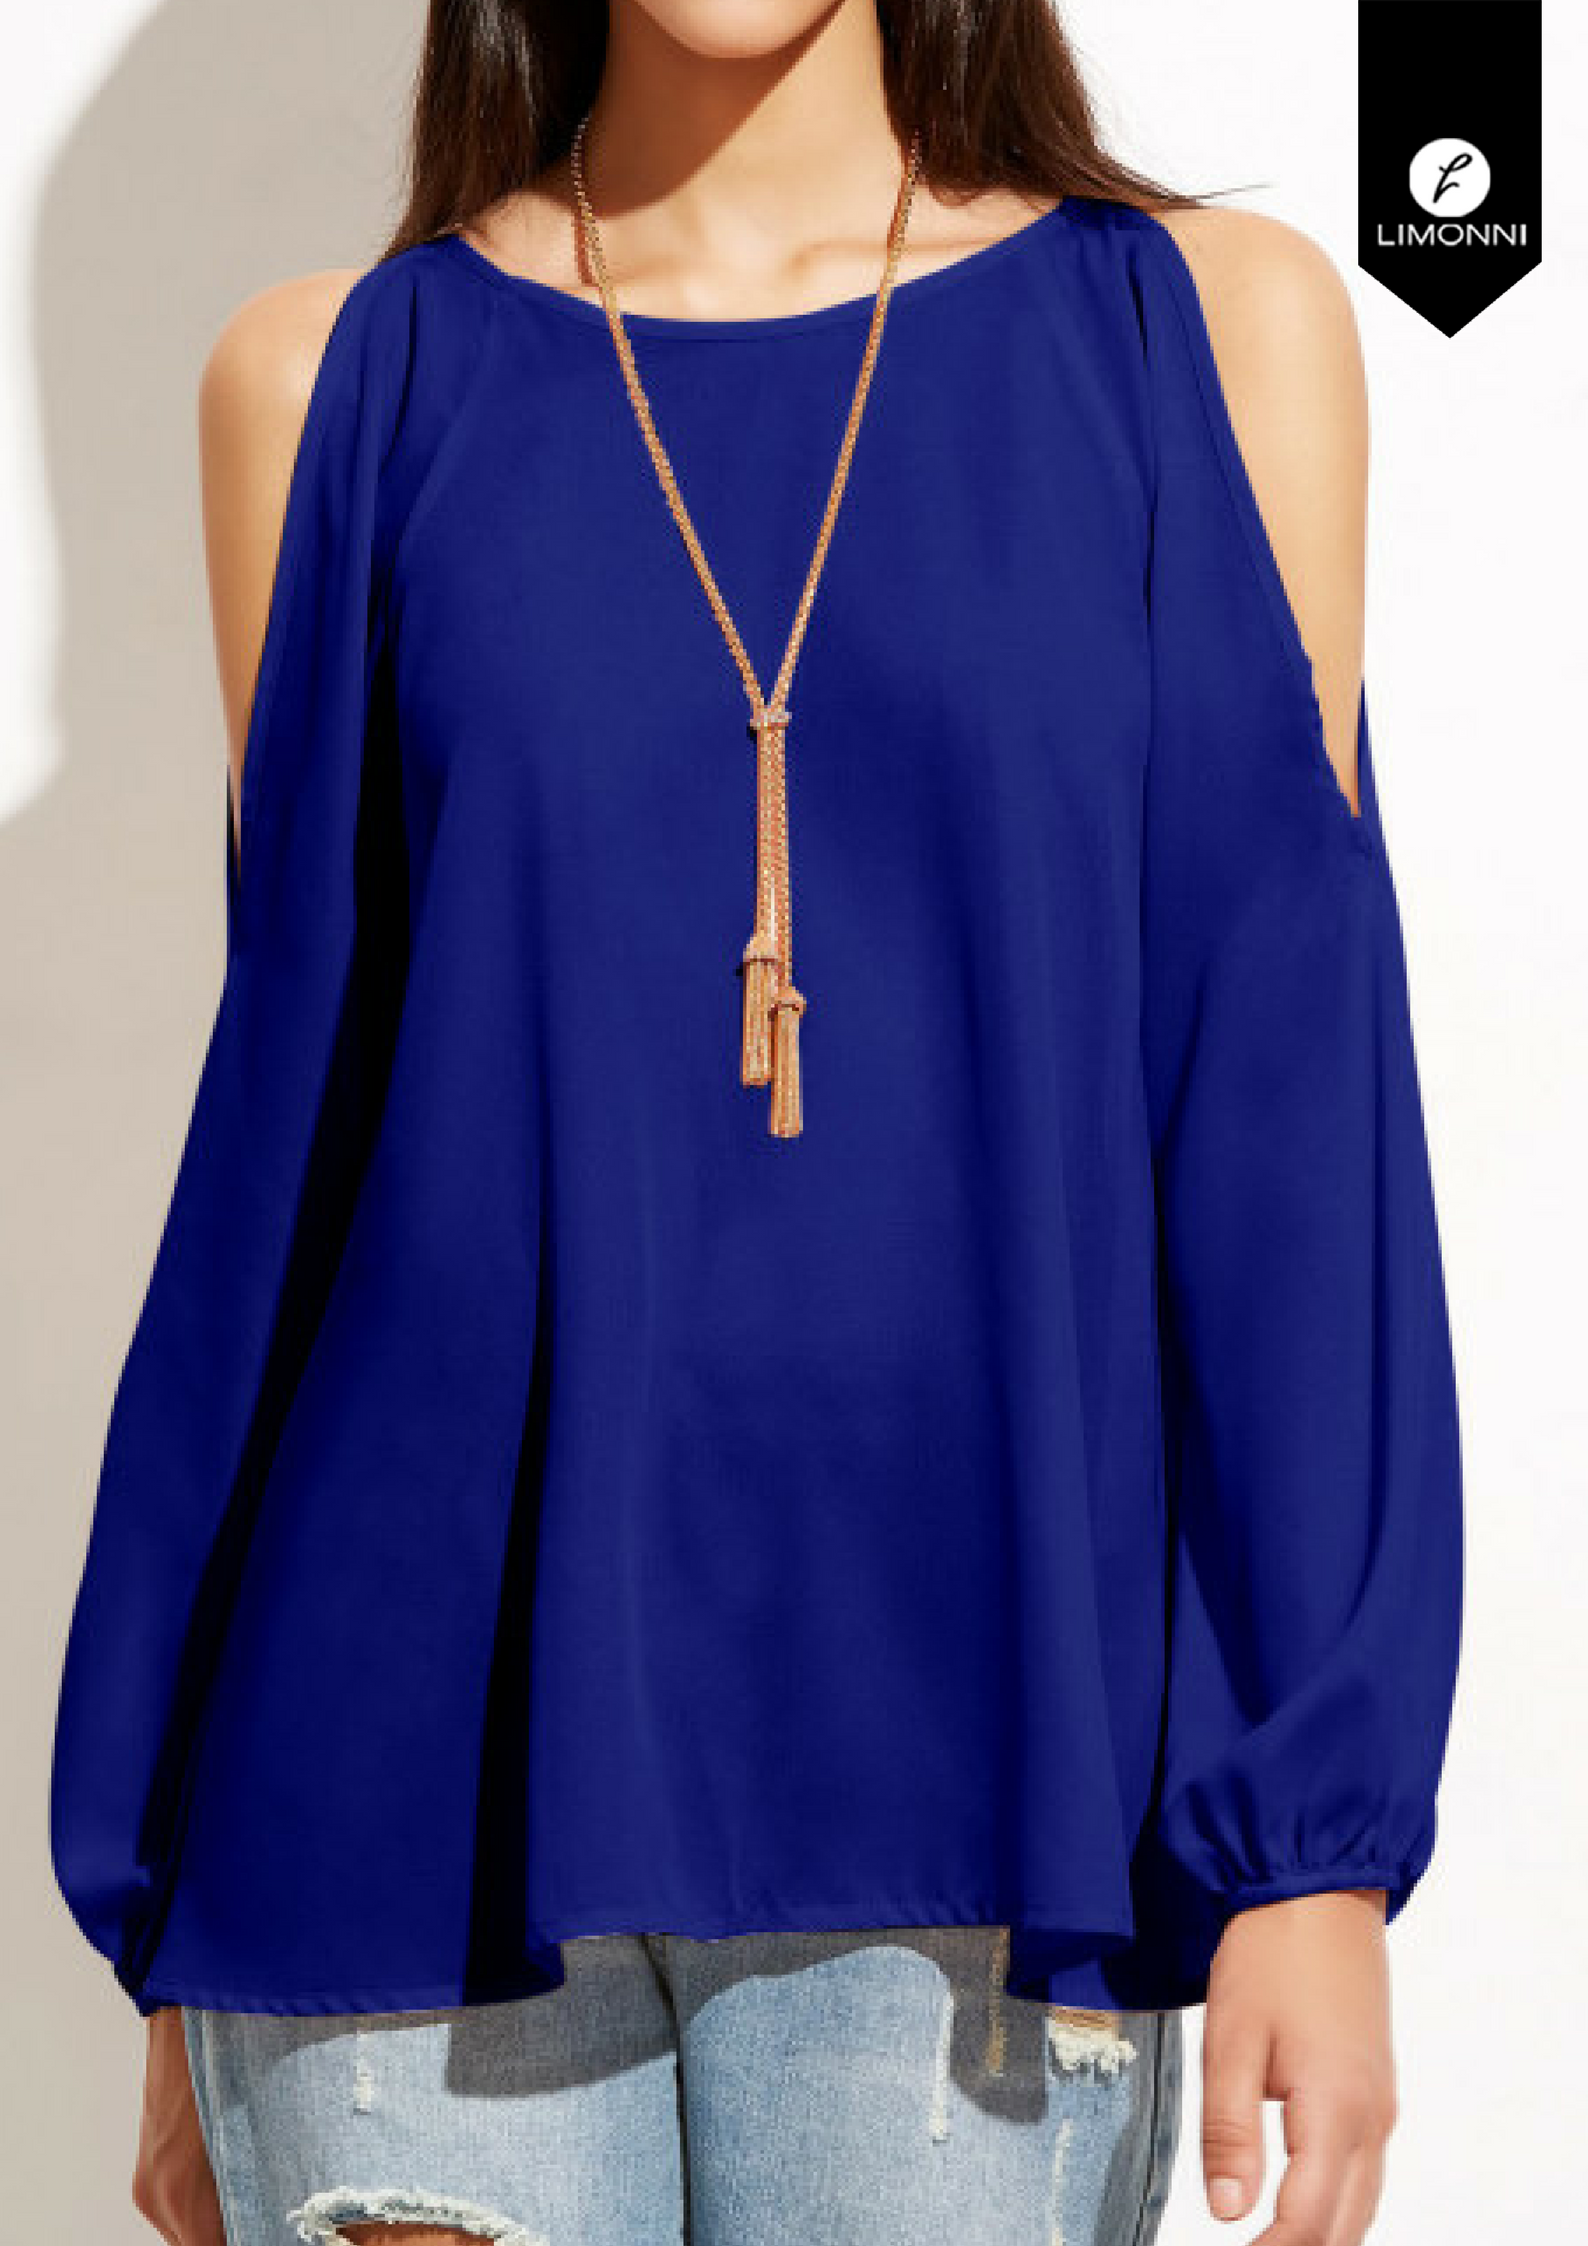 Blusas para mujer Limonni Novalee LI1474 Casuales